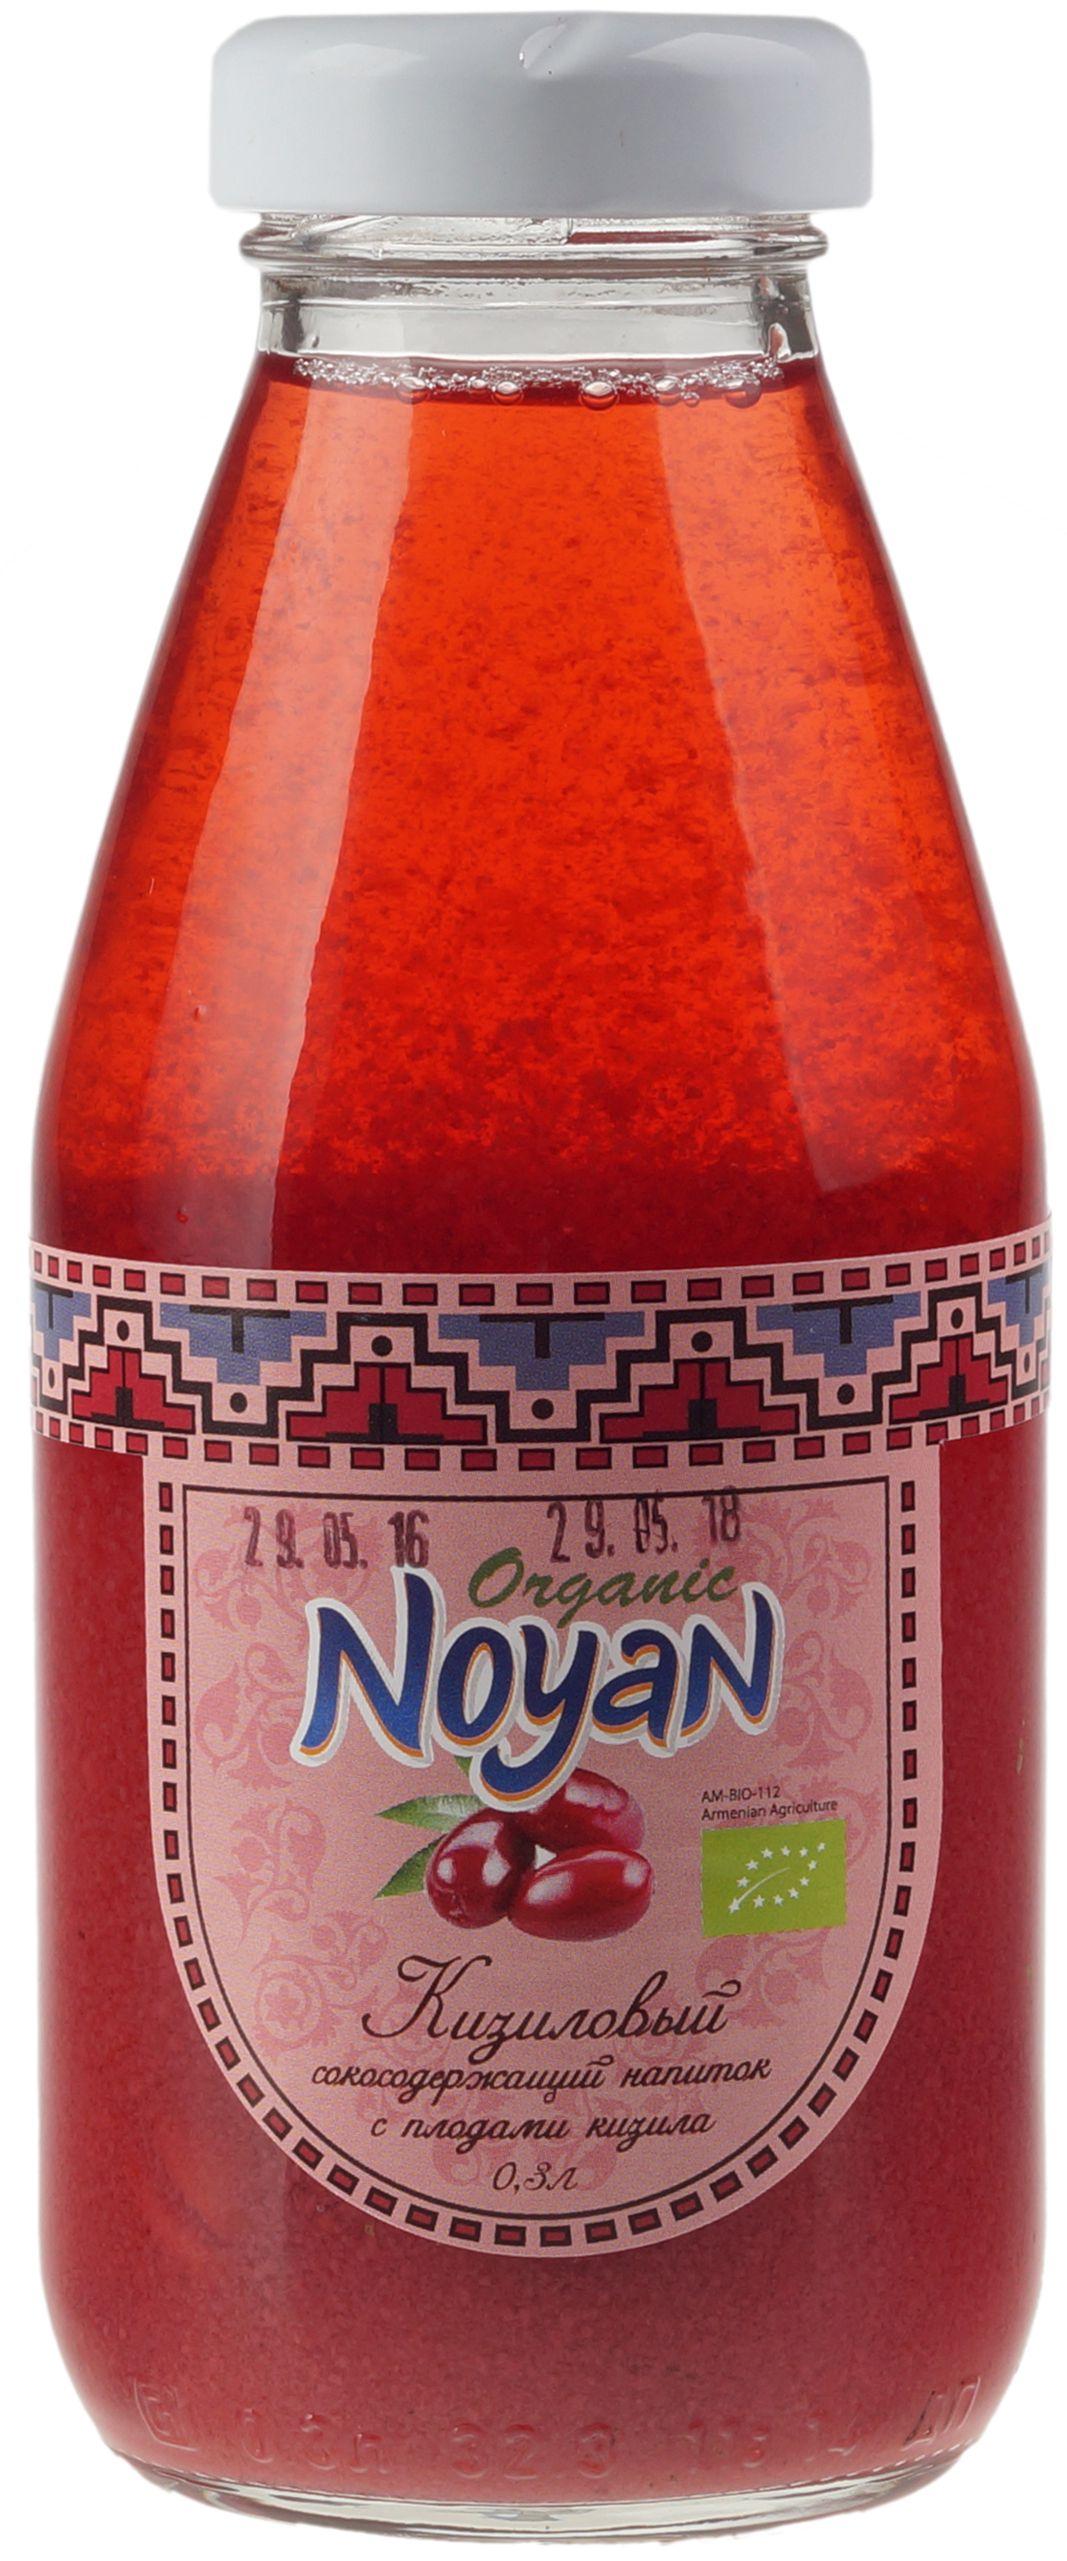 Кизиловый напиток с ягодами 330мл Ноян, органик